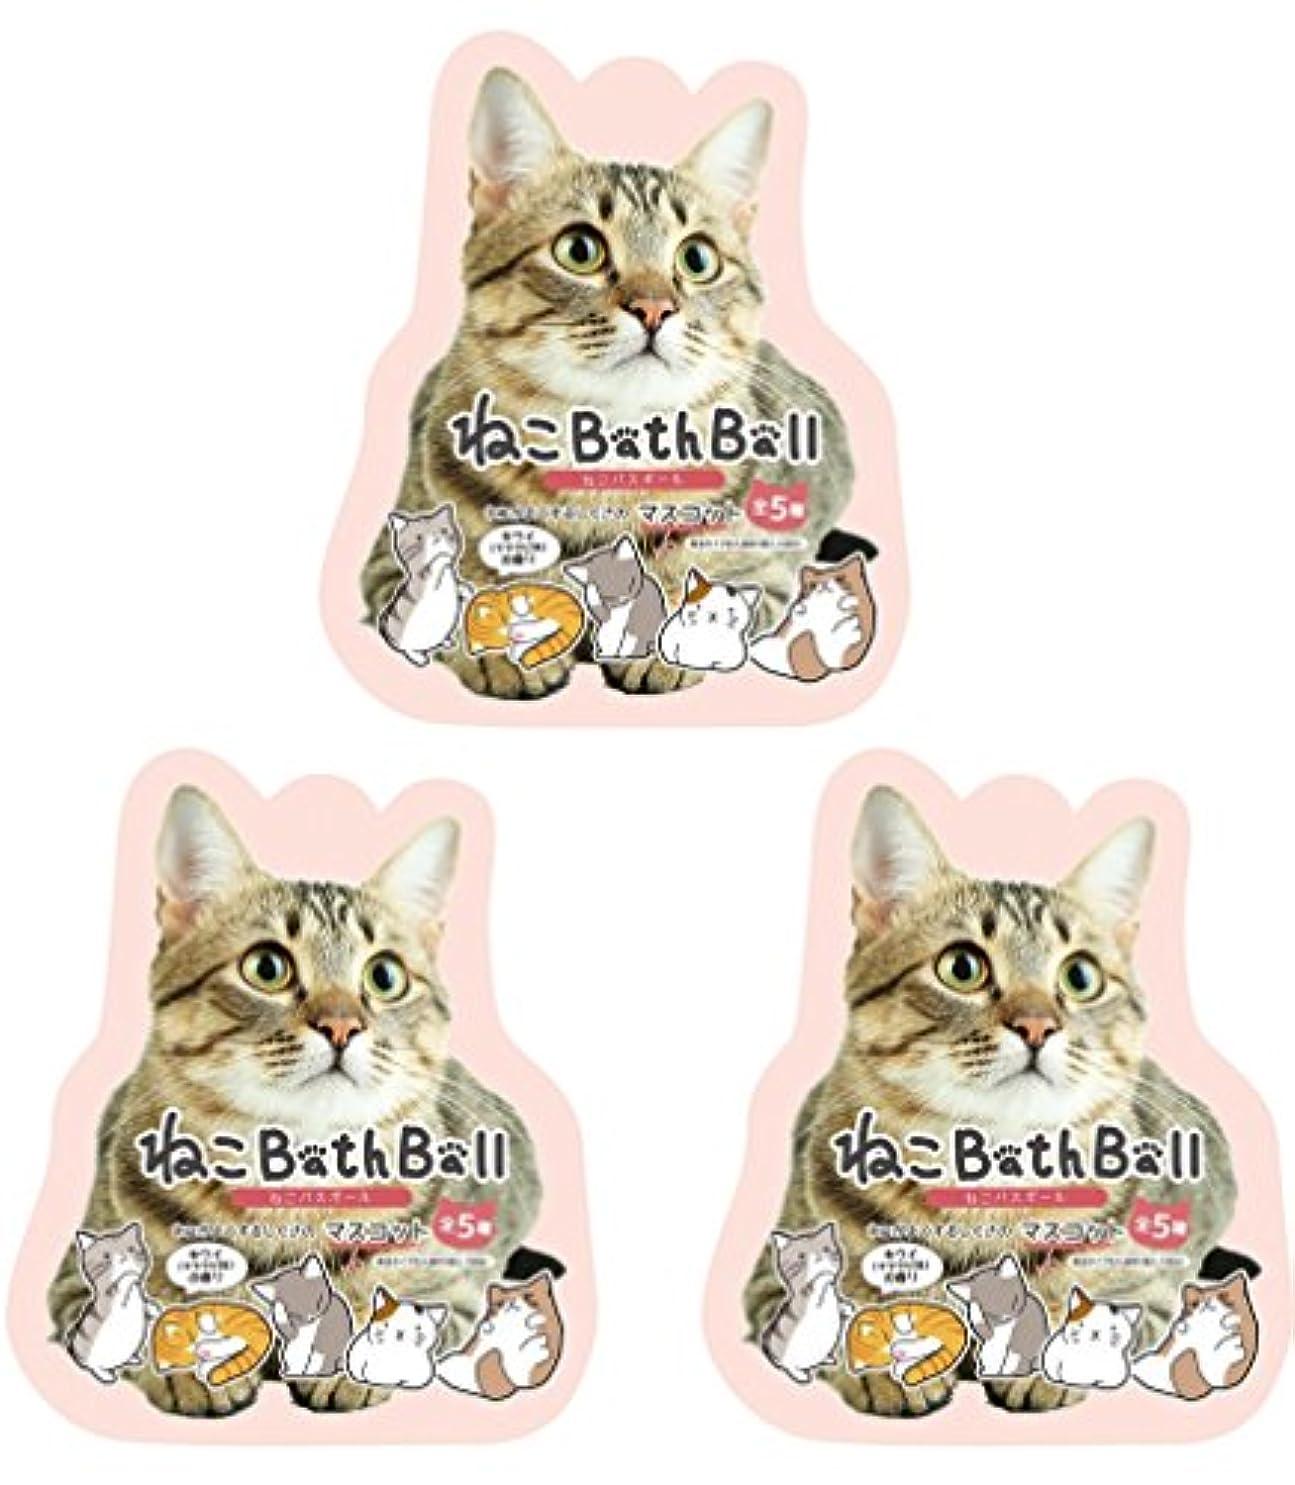 世界記録のギネスブックイベントニックネームねこ 入浴剤 猫マスコットが飛び出るバスボール 3個セット